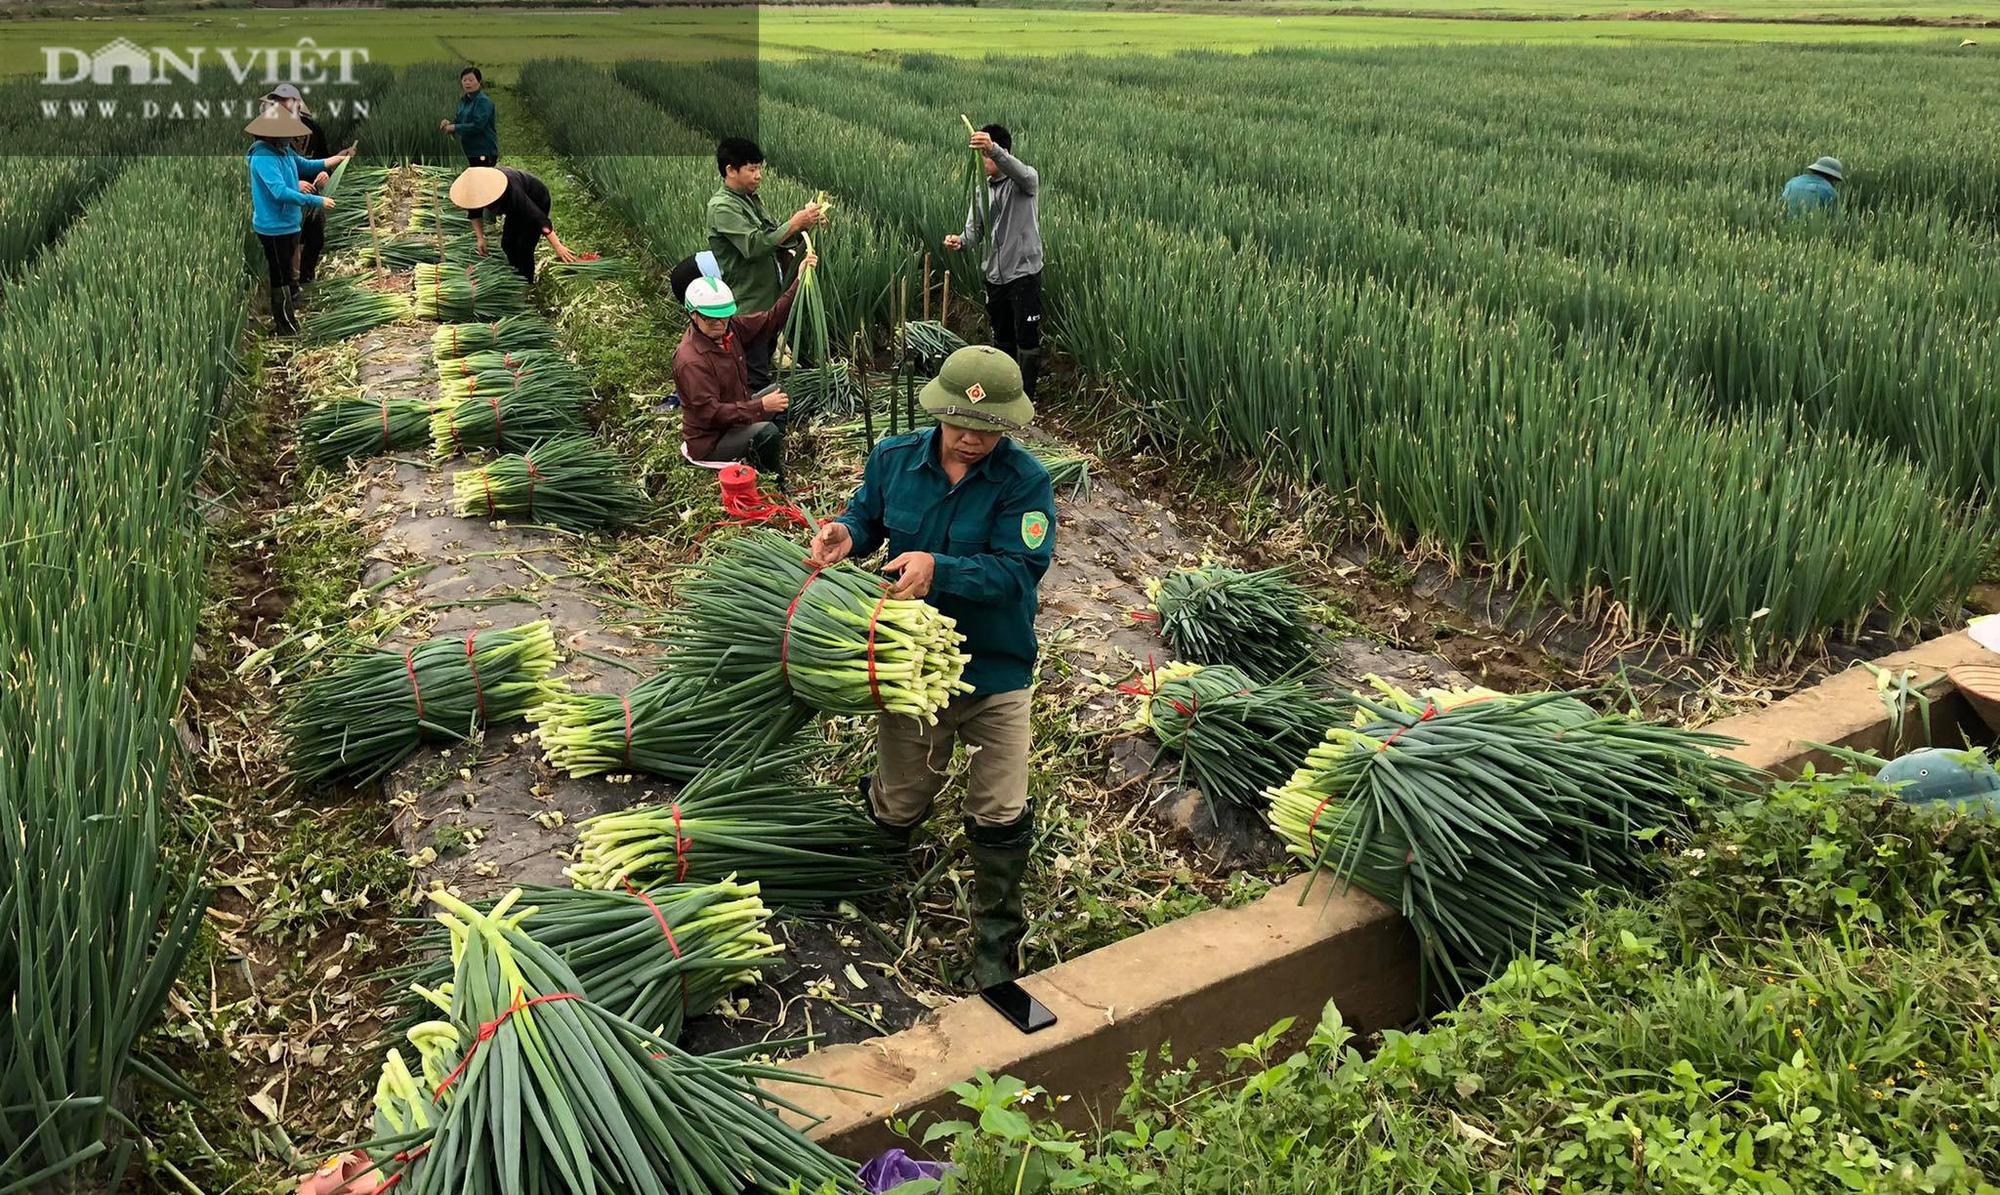 Phú Thọ: Được doanh nghiệp giải cứu, người trồng hành phấn khởi ra đồng thu hoạch mặc gió lạnh - Ảnh 1.